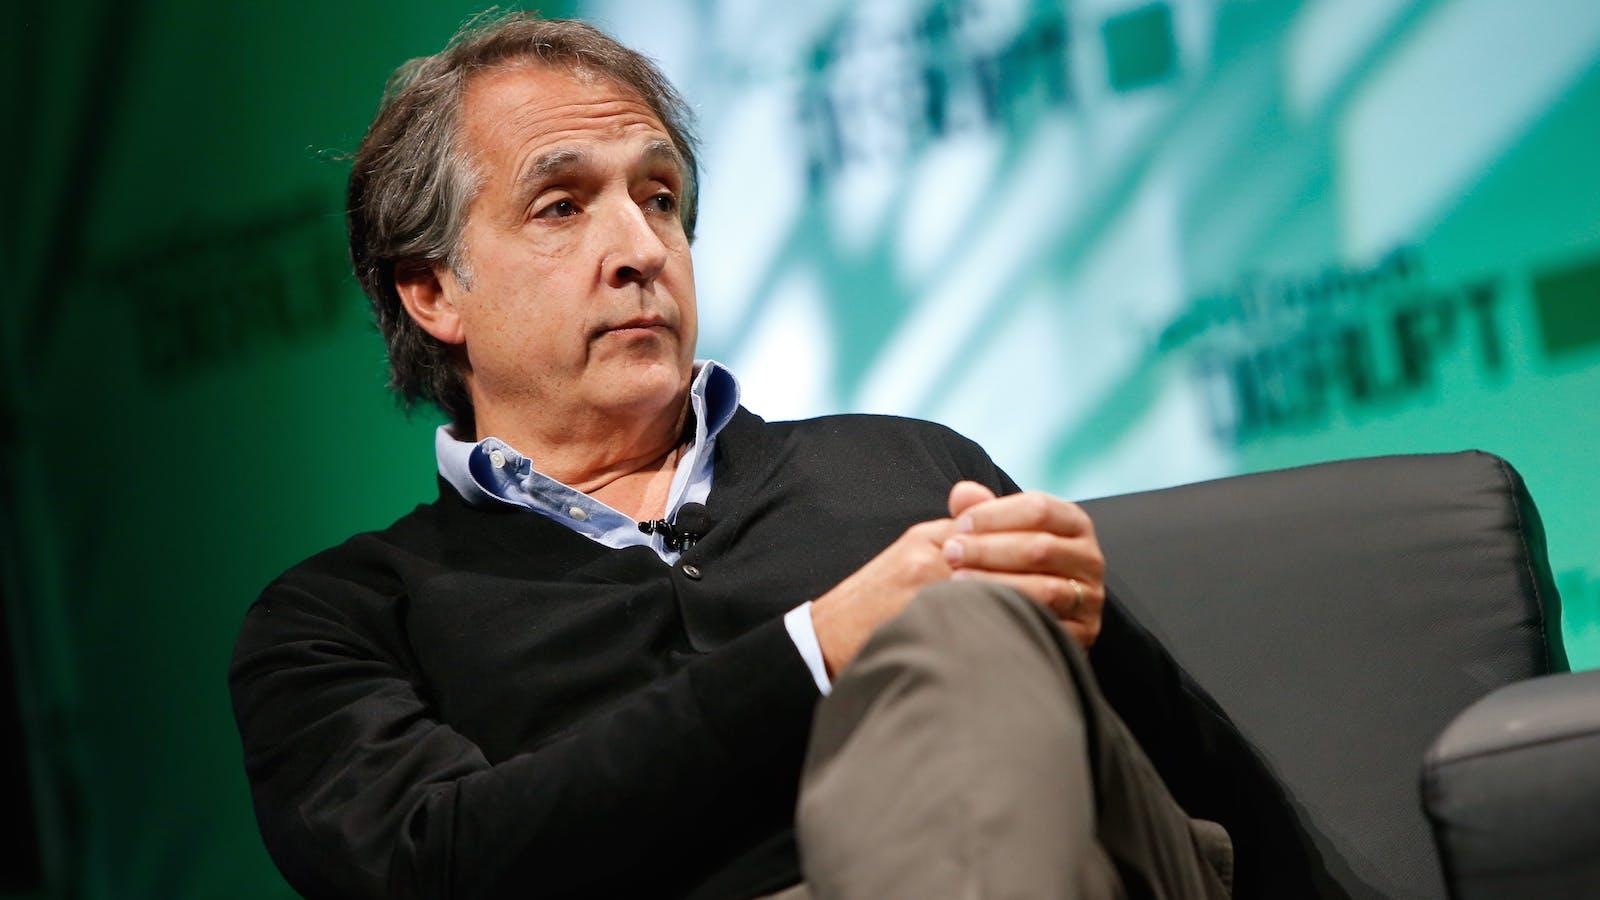 Media investor Ken Lerer. Photo by Flickr/TechCrunch.